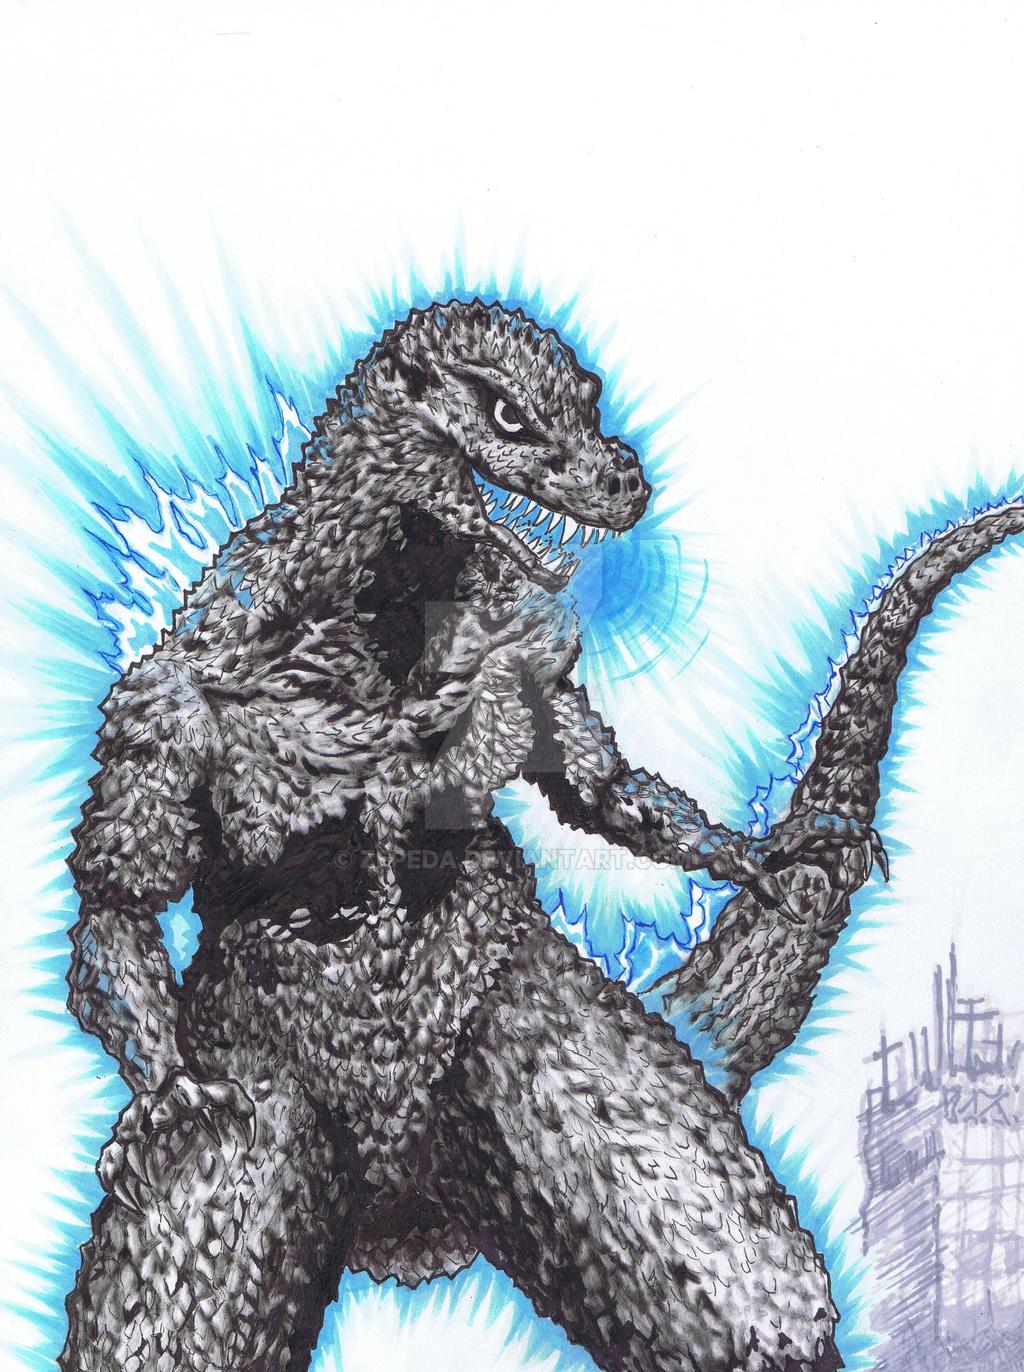 Kaiju 01 by Zepeda